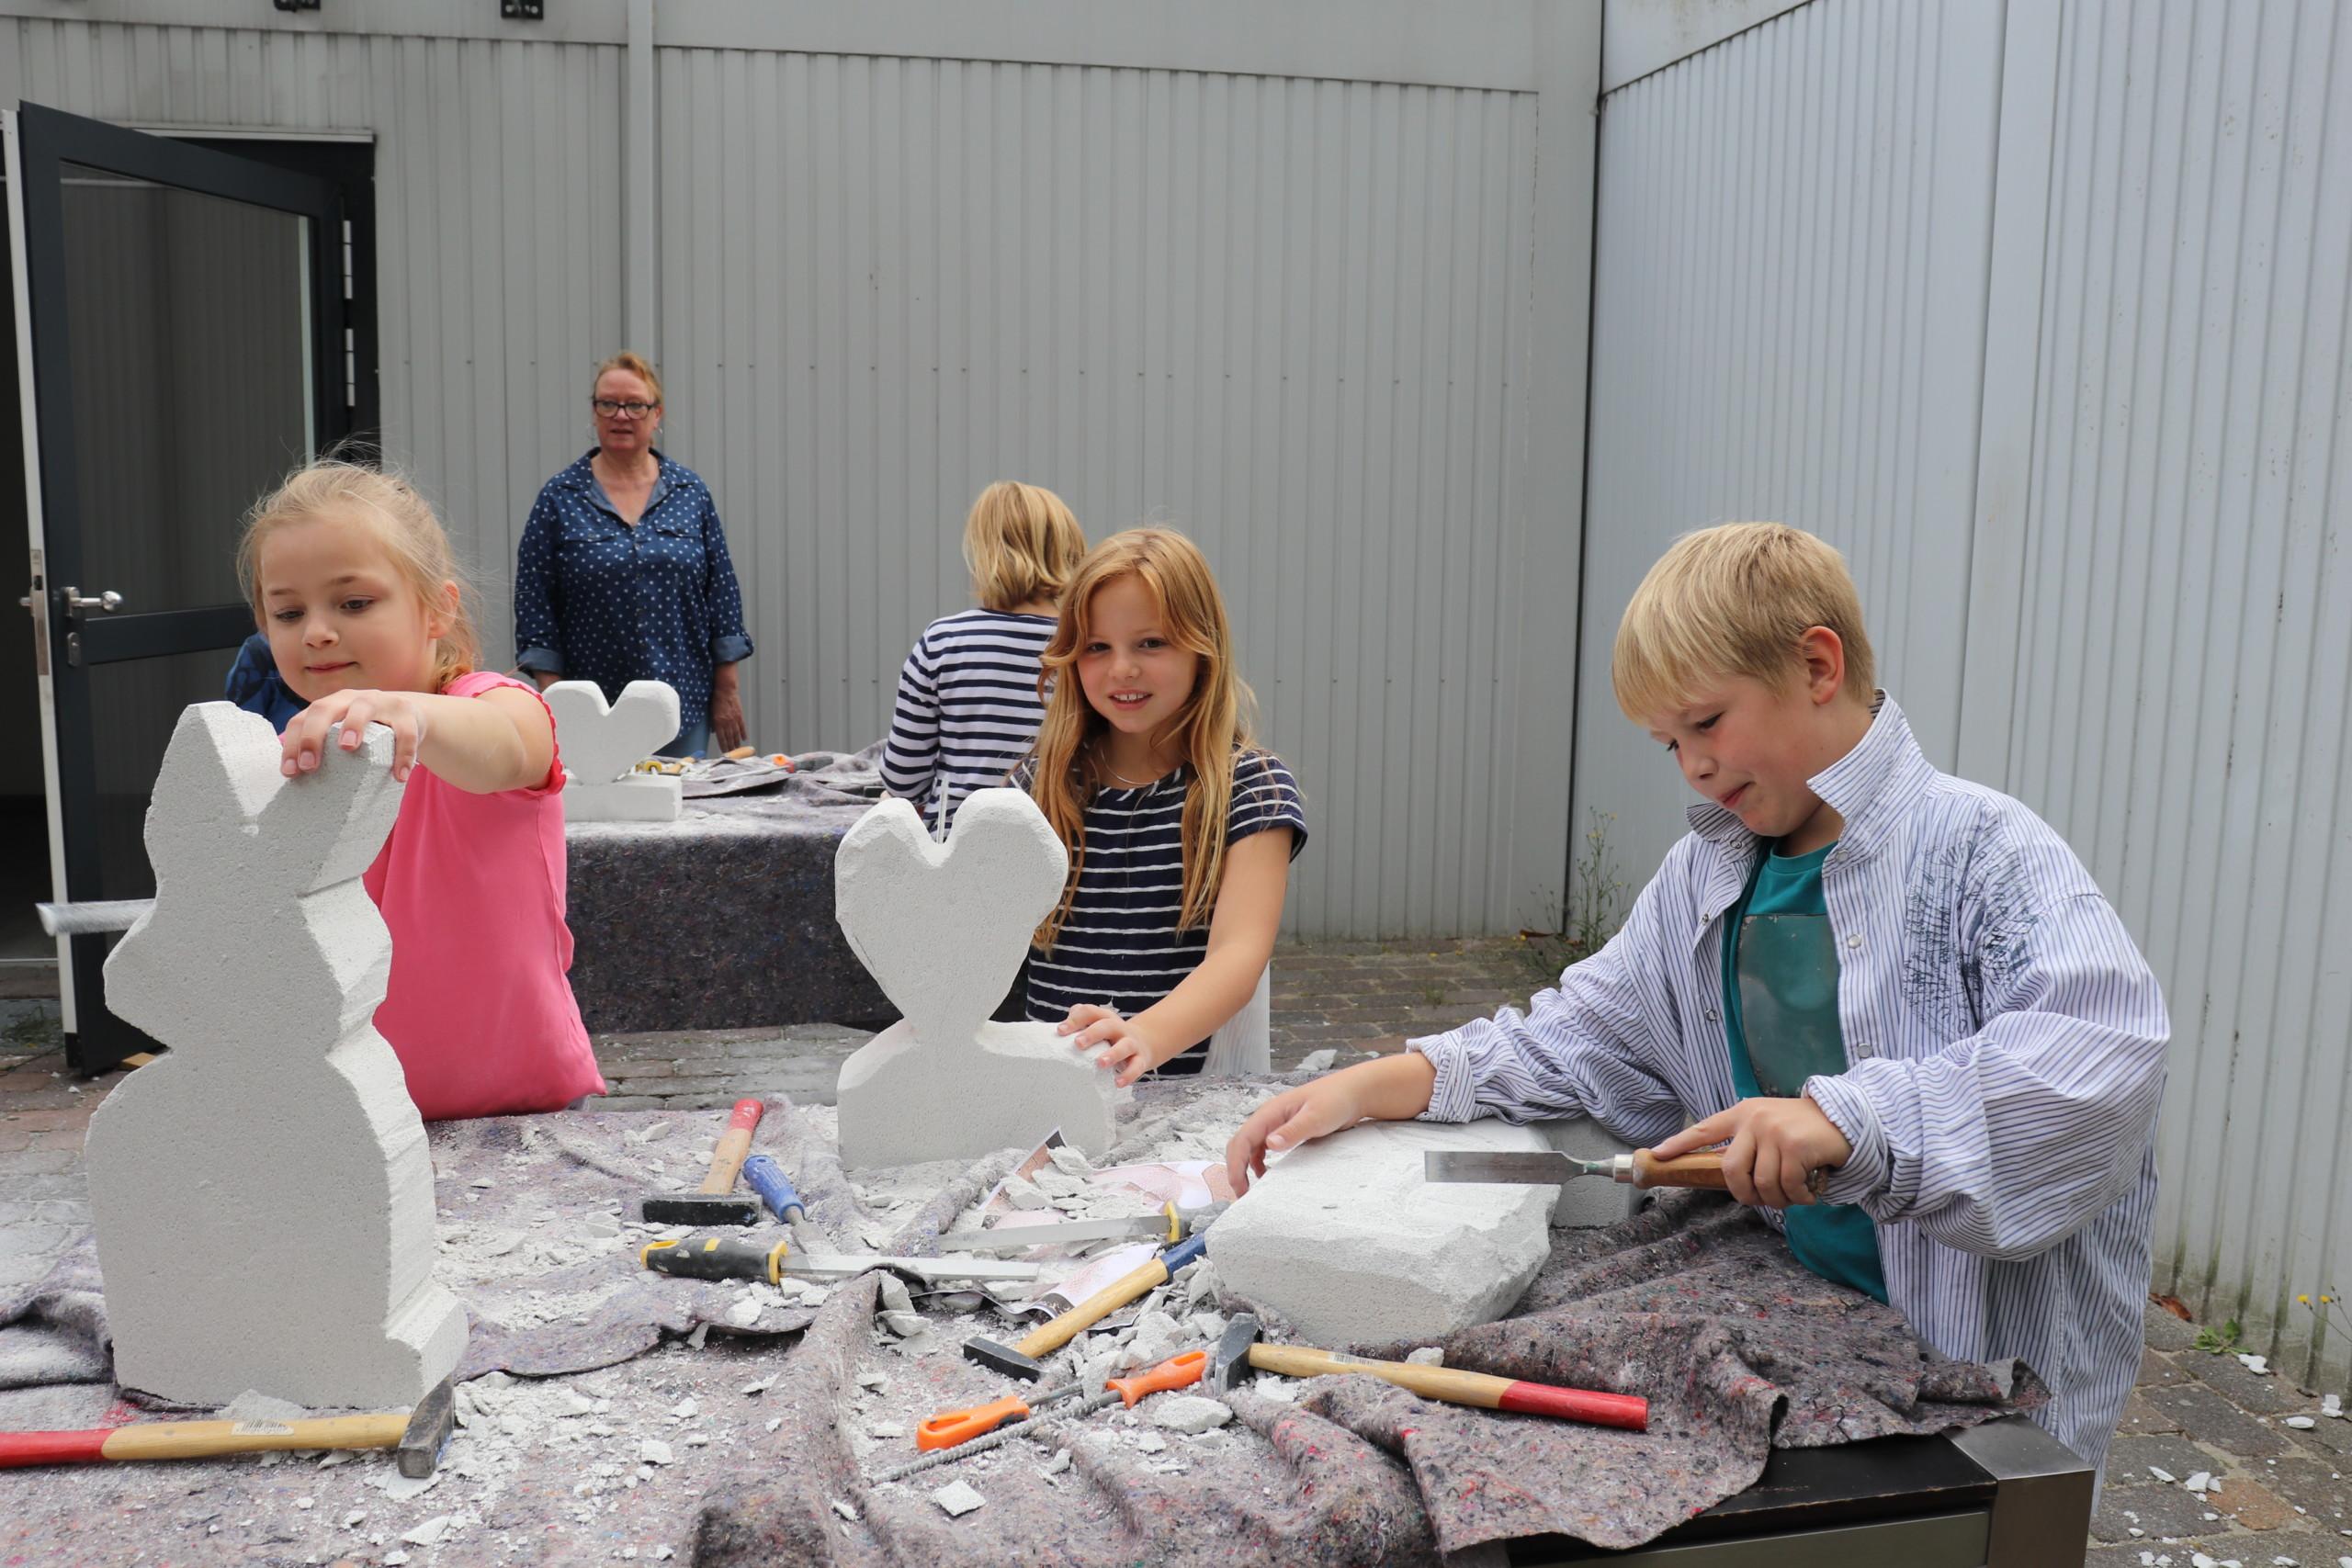 Alle Teilnehmer hatten viel Spaß beim Herstellen von Ytong-Skulpturen. Aufnahme: Wlodarczyk/Gemeinde Barßel